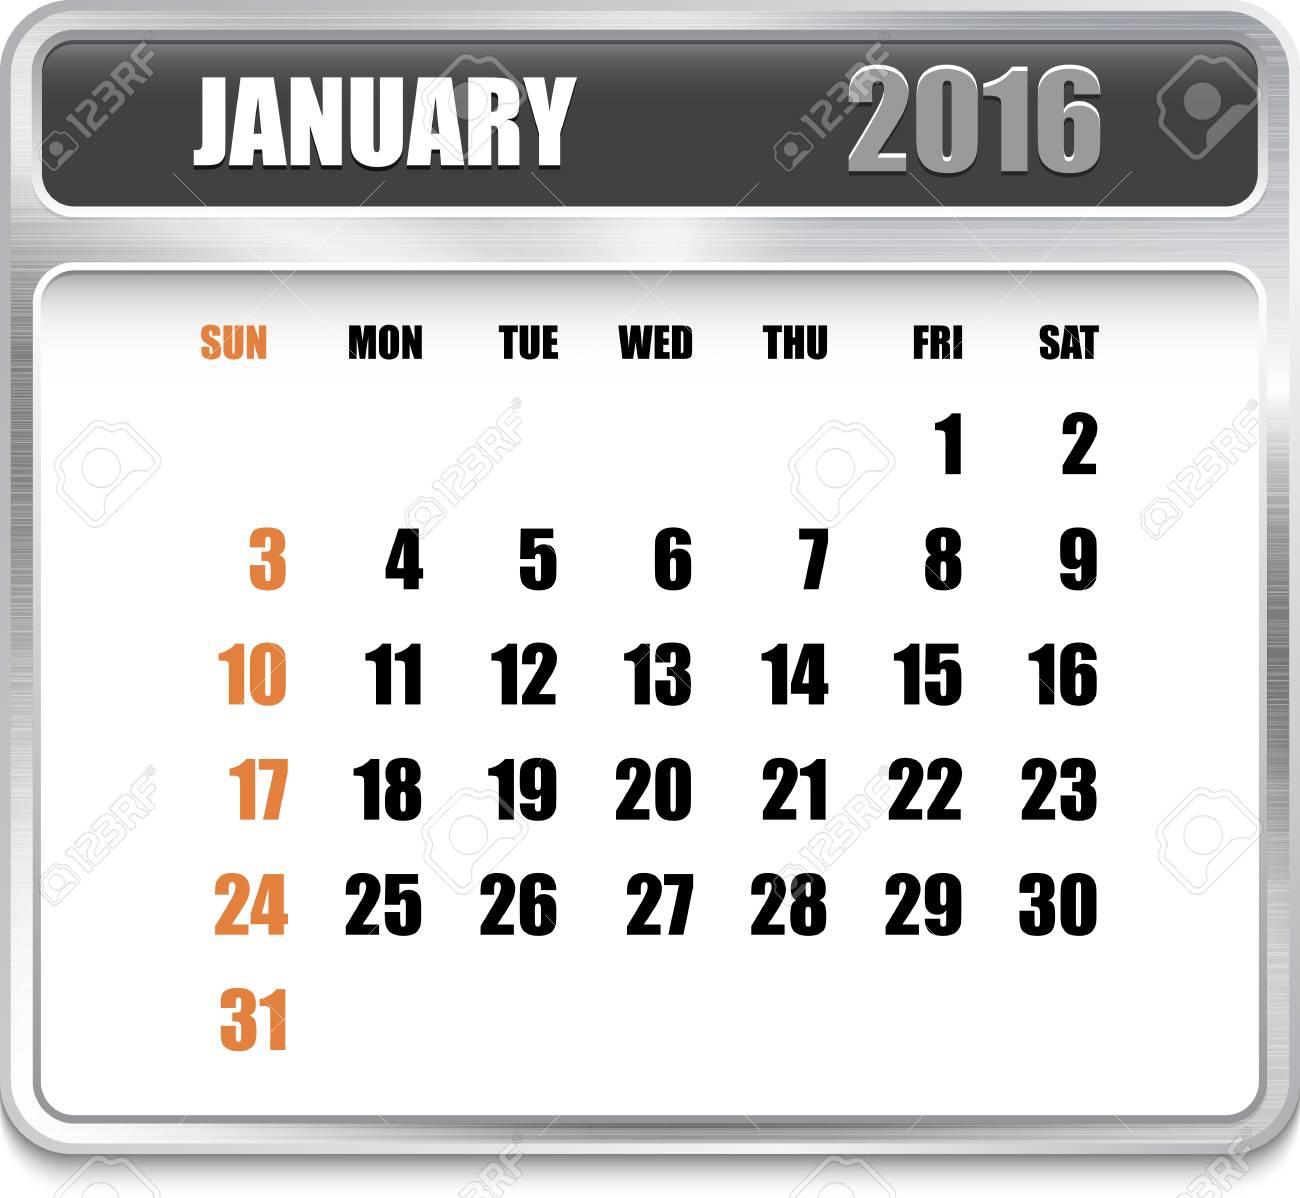 Calendario Per Sito Web.Calendario Mensile Per Gennaio 2016 In Piastra Metallica Vacanze Arancio Puo Essere Usato Per I Calendari Di Lavoro E Uffici Sito Web Design